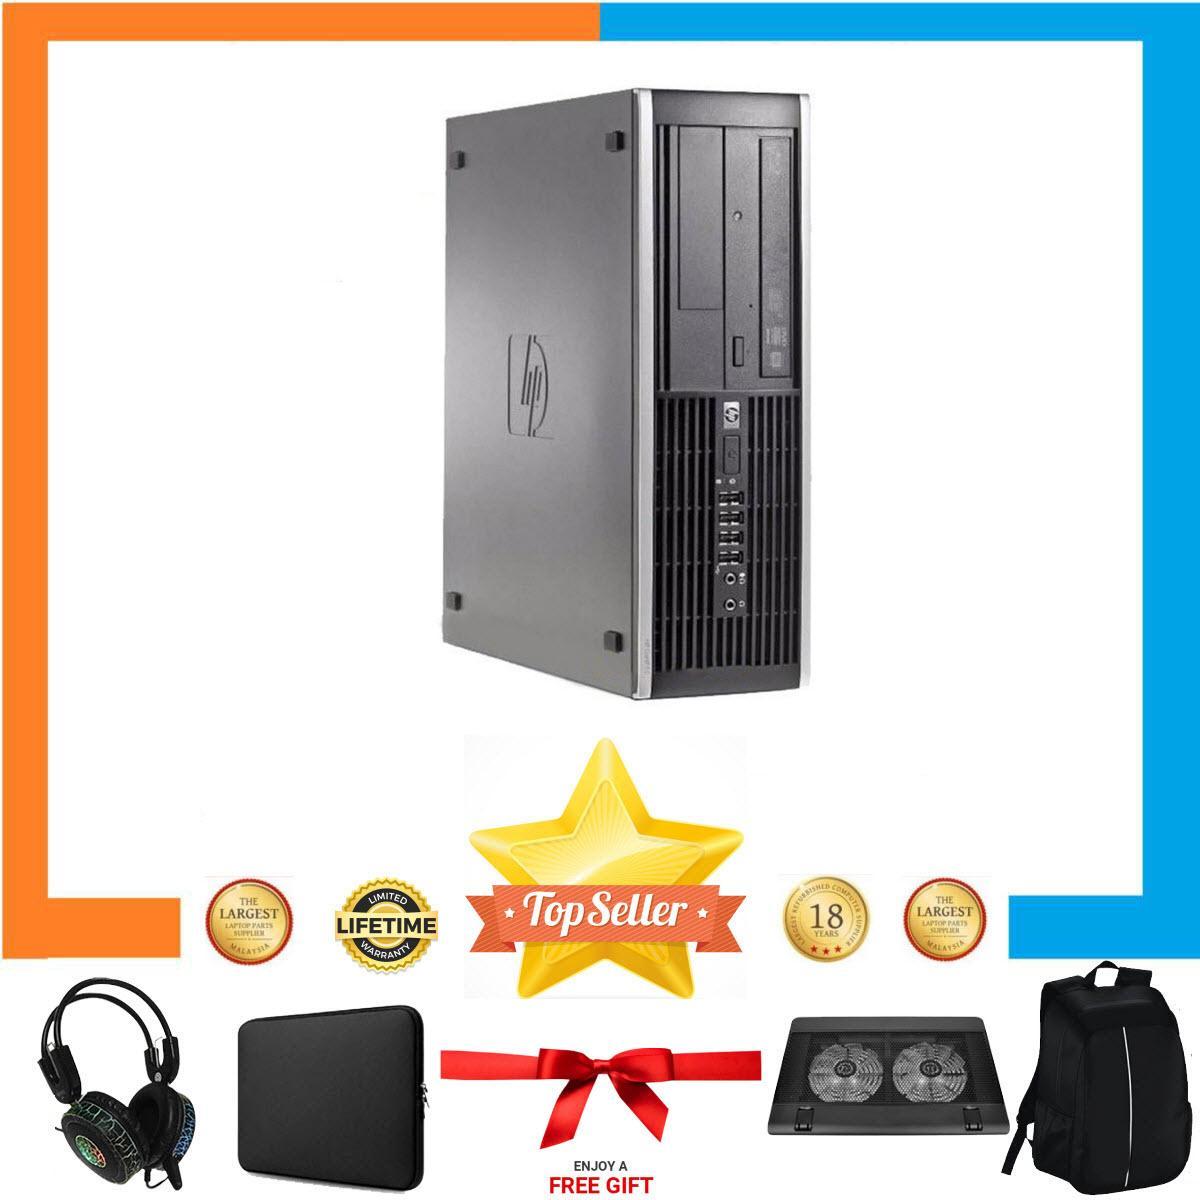 Máy tính Văn Phòng HP 6200 Pro Nguyên Bản, Chạy G640, Ram 8GB, SSD 120GB, HDD 2TB + Bộ Quà Tặng